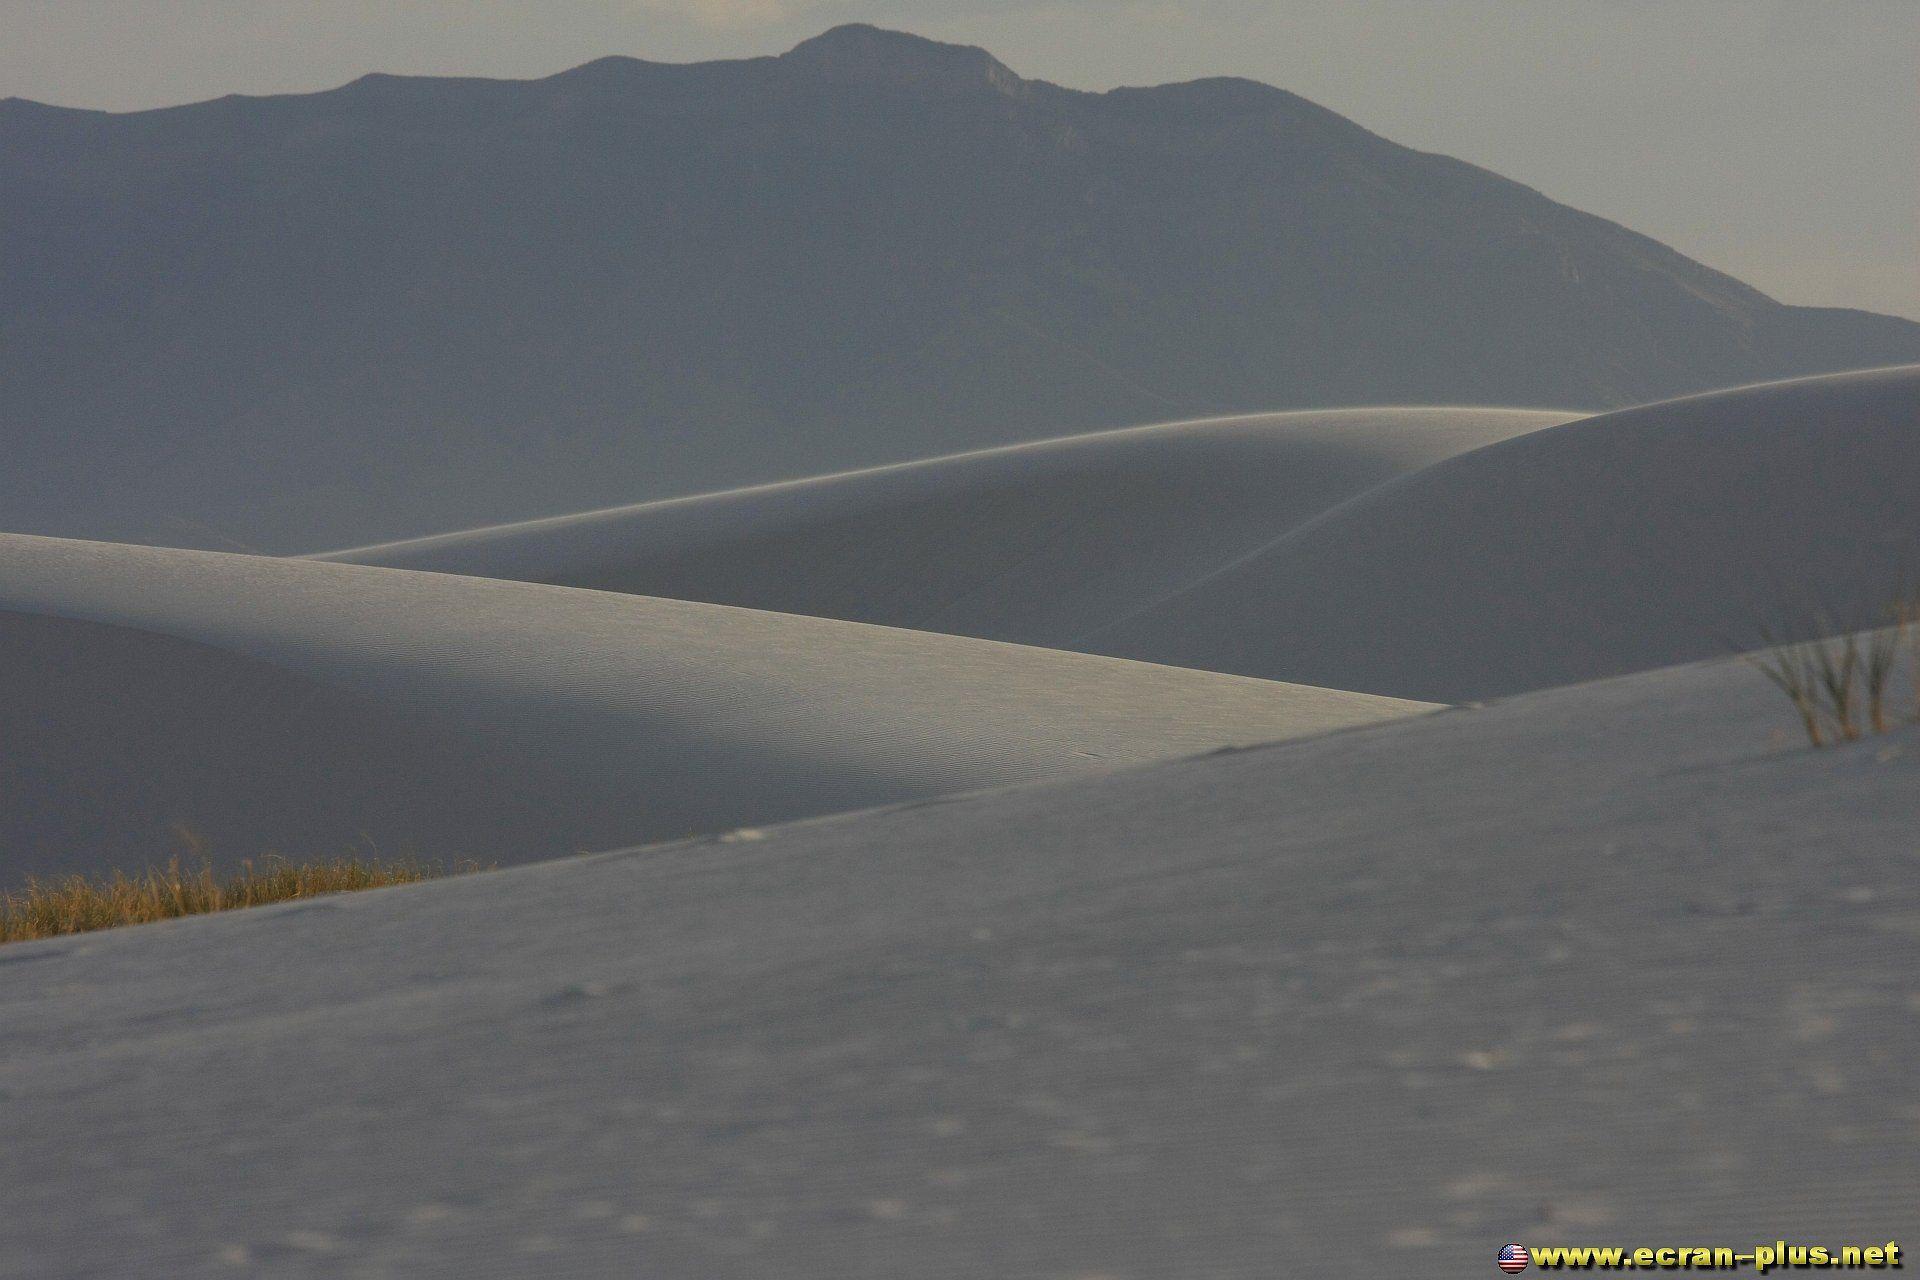 Les dunes de gypse du desert de White Sands et les San Andres Mountains dans le fond - Nouveau Mexique - Etats Unis